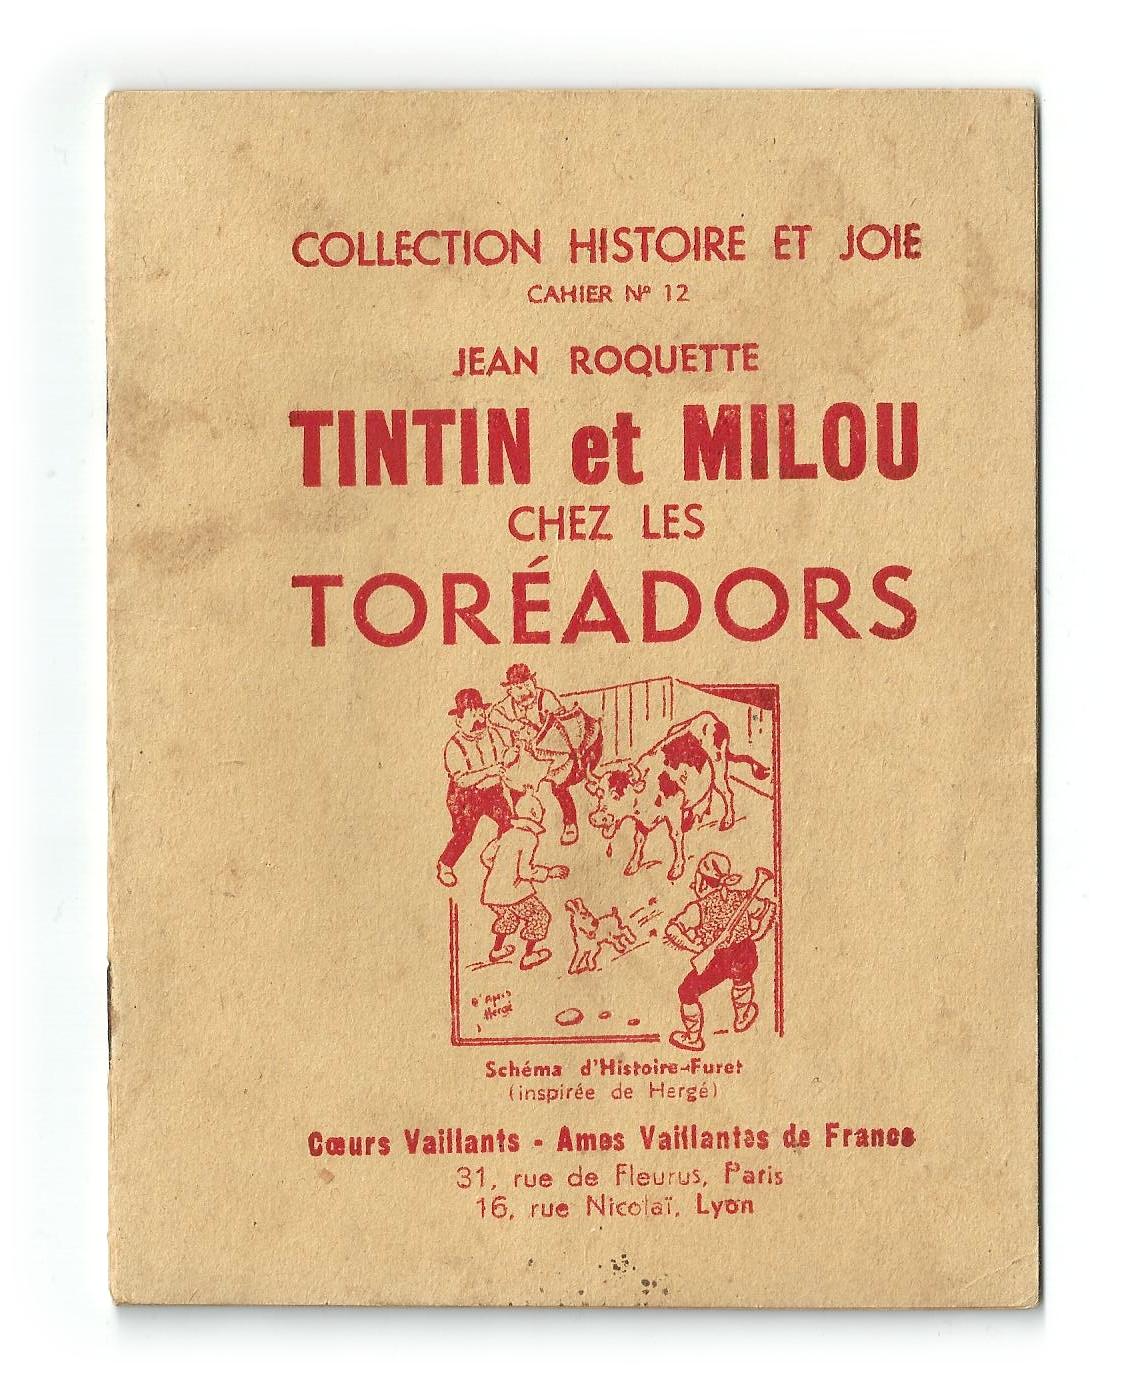 Tintin et Milou en Francais Tintin Tintin et Milou